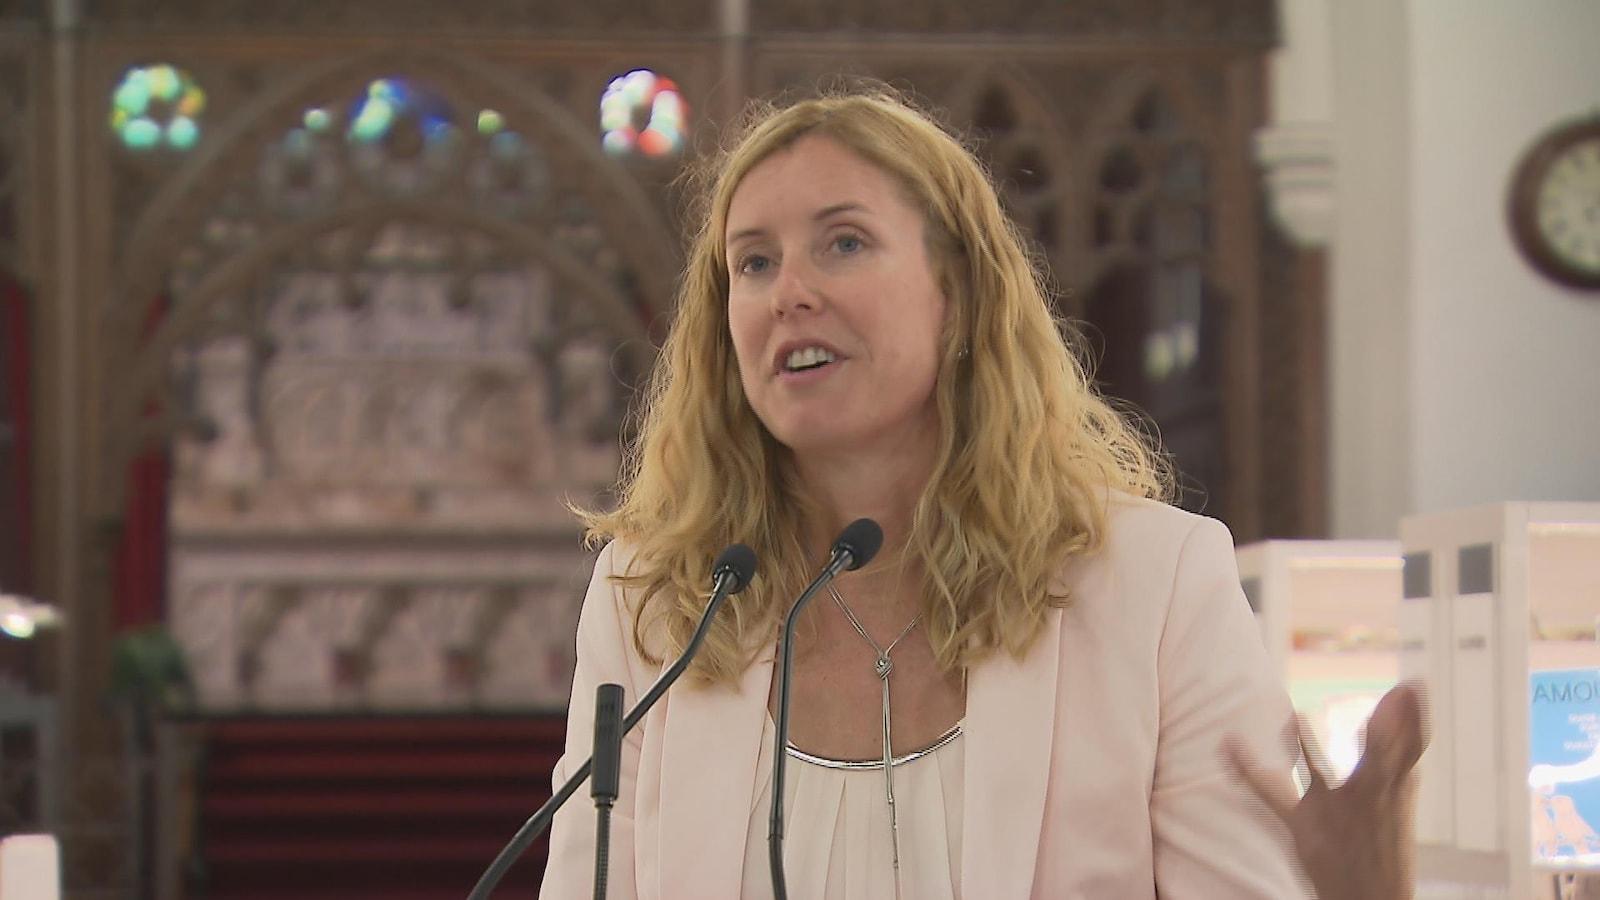 La vice-présidente du comité exécutif, Julie Lemieux, lors de l'inauguration de la bibliothèque Claire-Martin